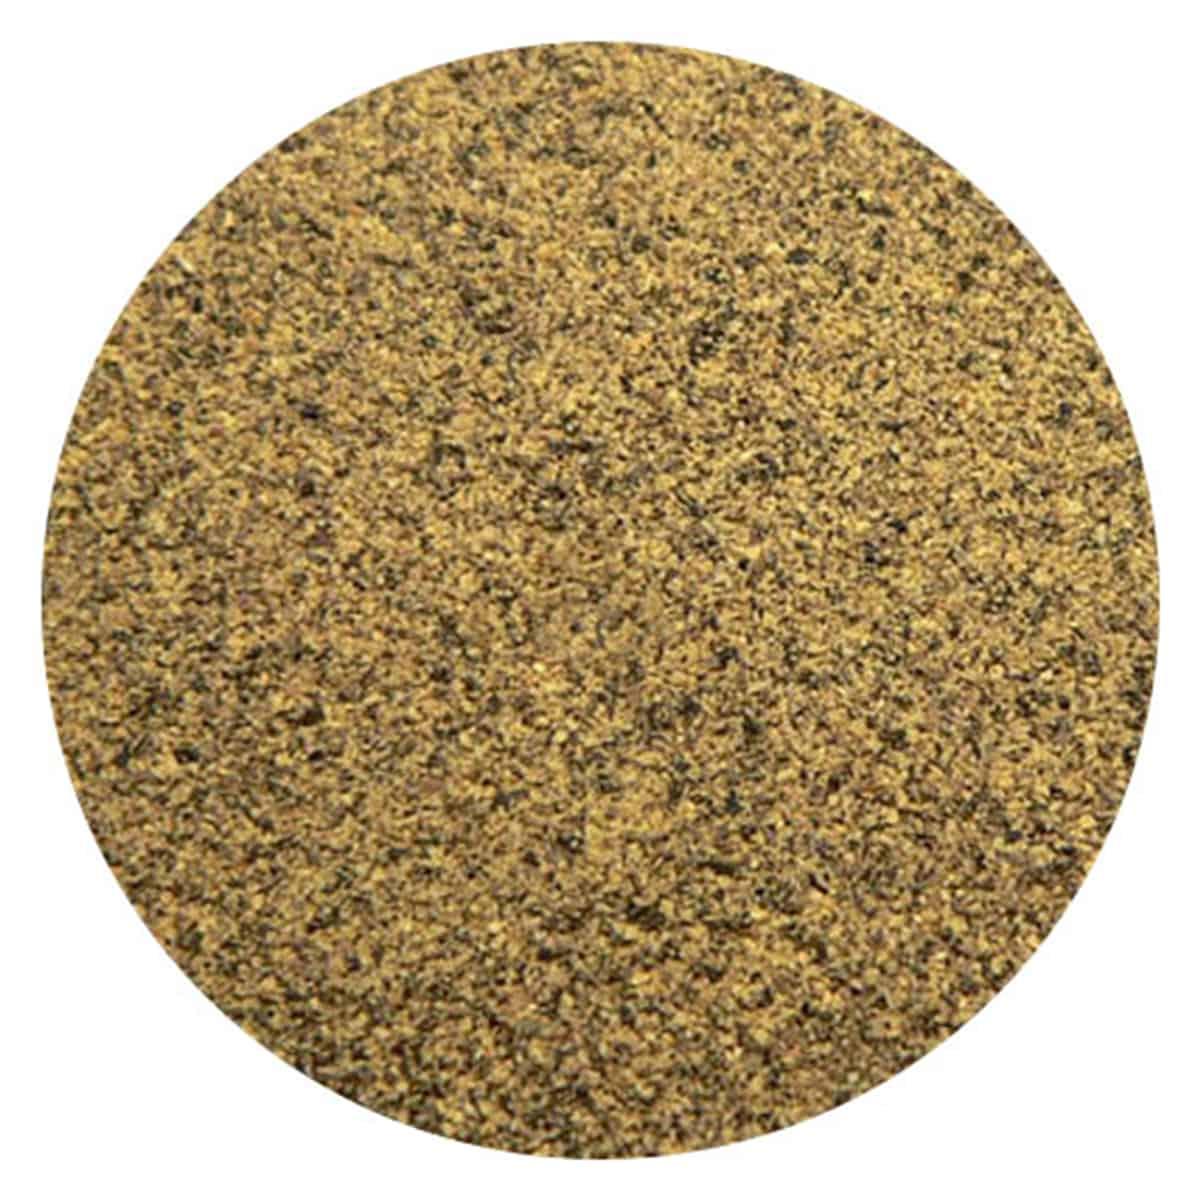 Buy IAG Foods Black Pepper Powder - 1 kg